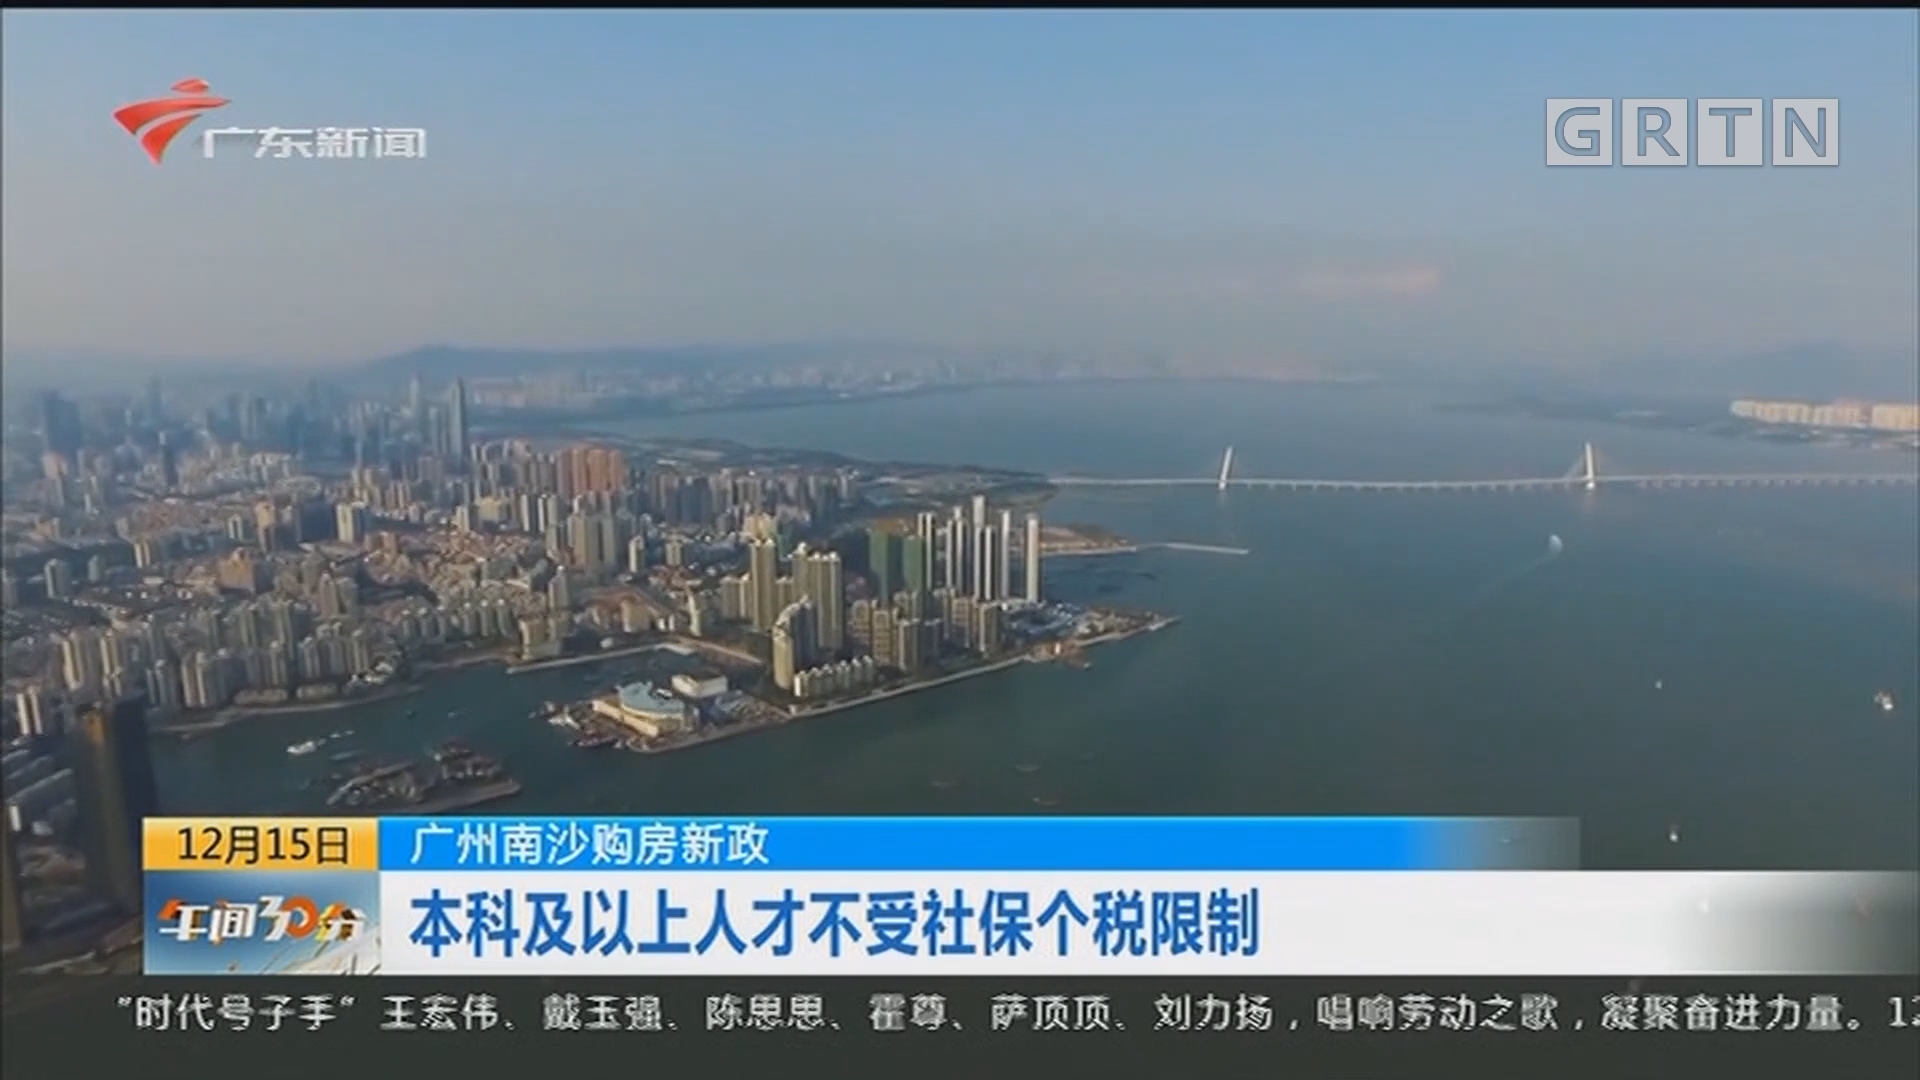 广州南沙购房新政:本科及以上人才不受社保个税限制